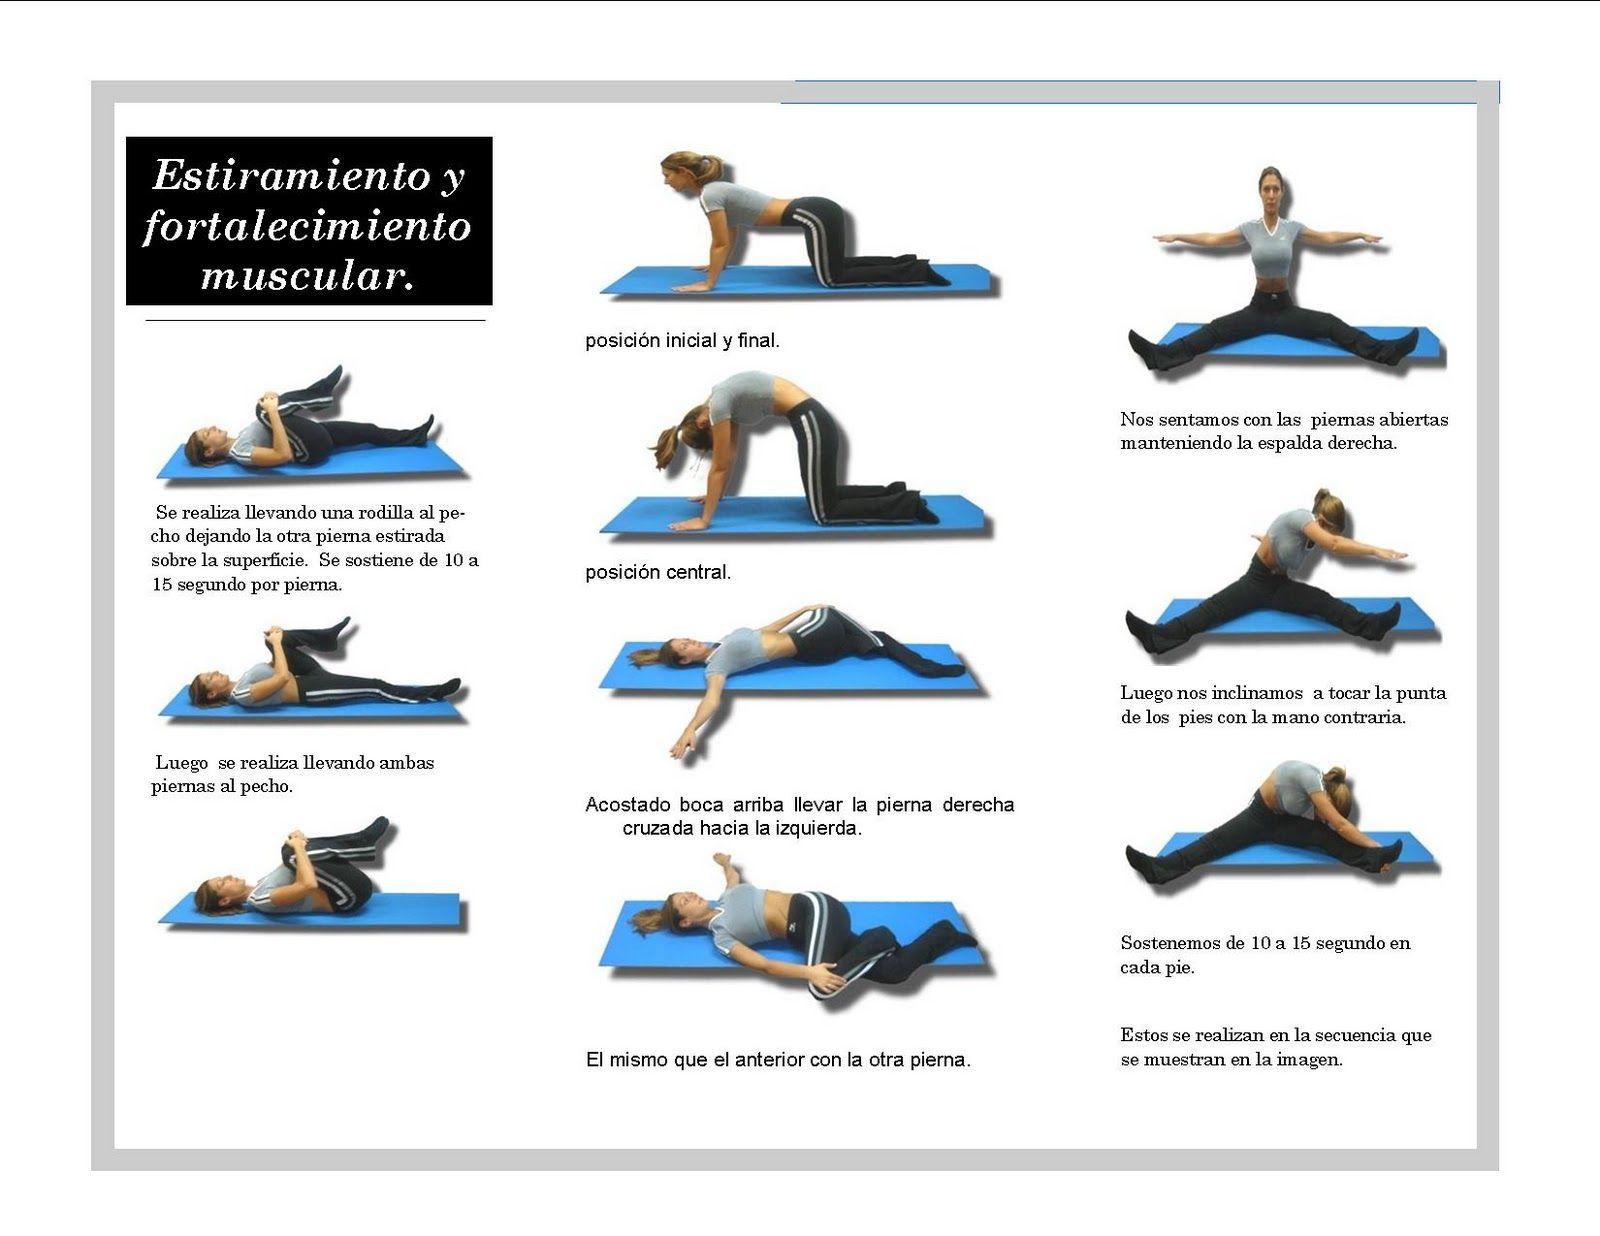 Los ejercicios a hondroze del departamento de pecho de la columna vertebral